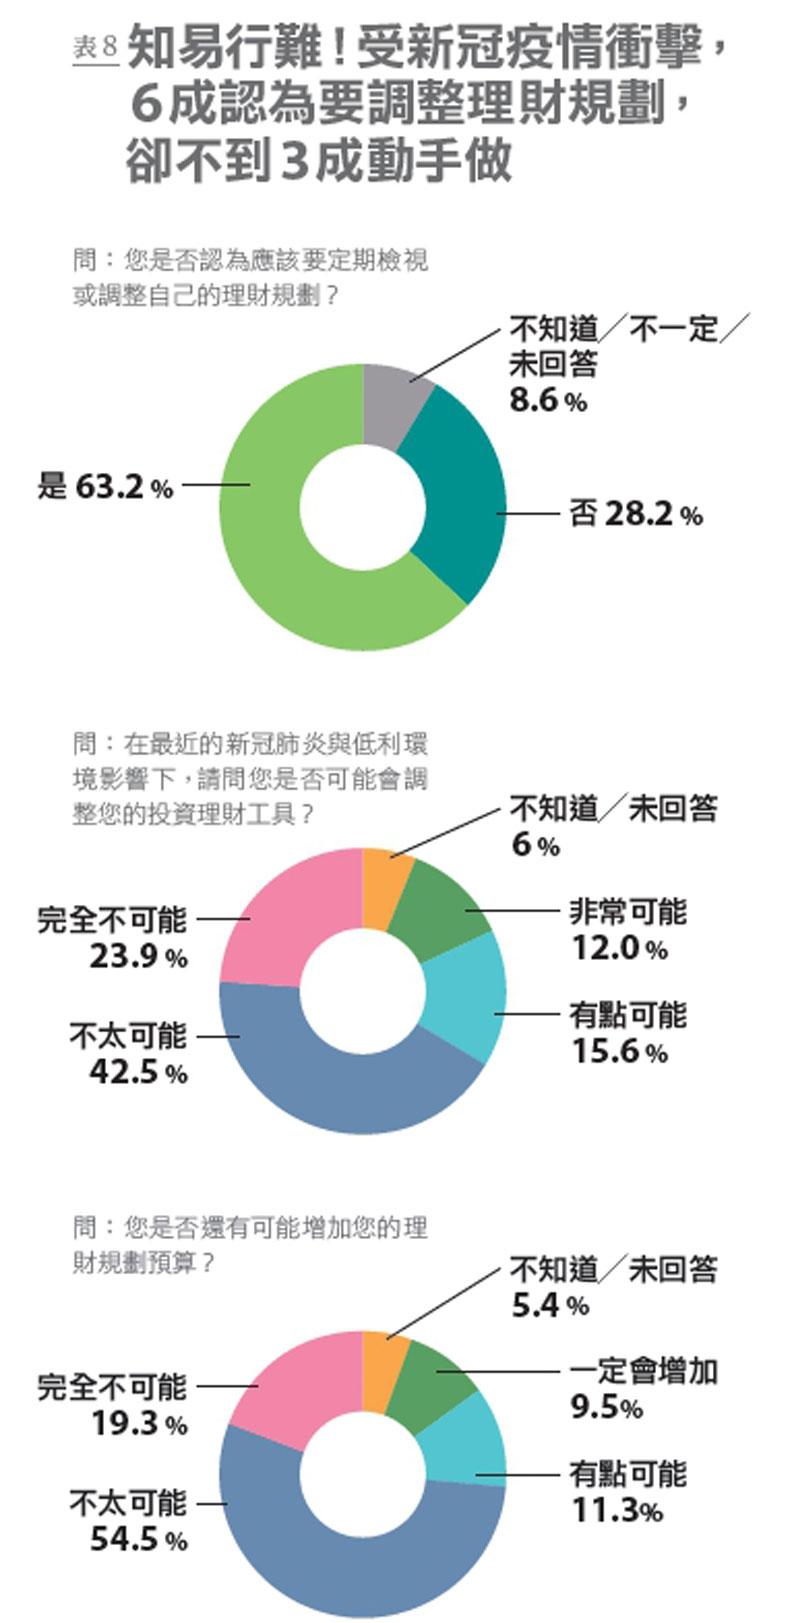 表8:國人因應疫情調整資金配置的比例